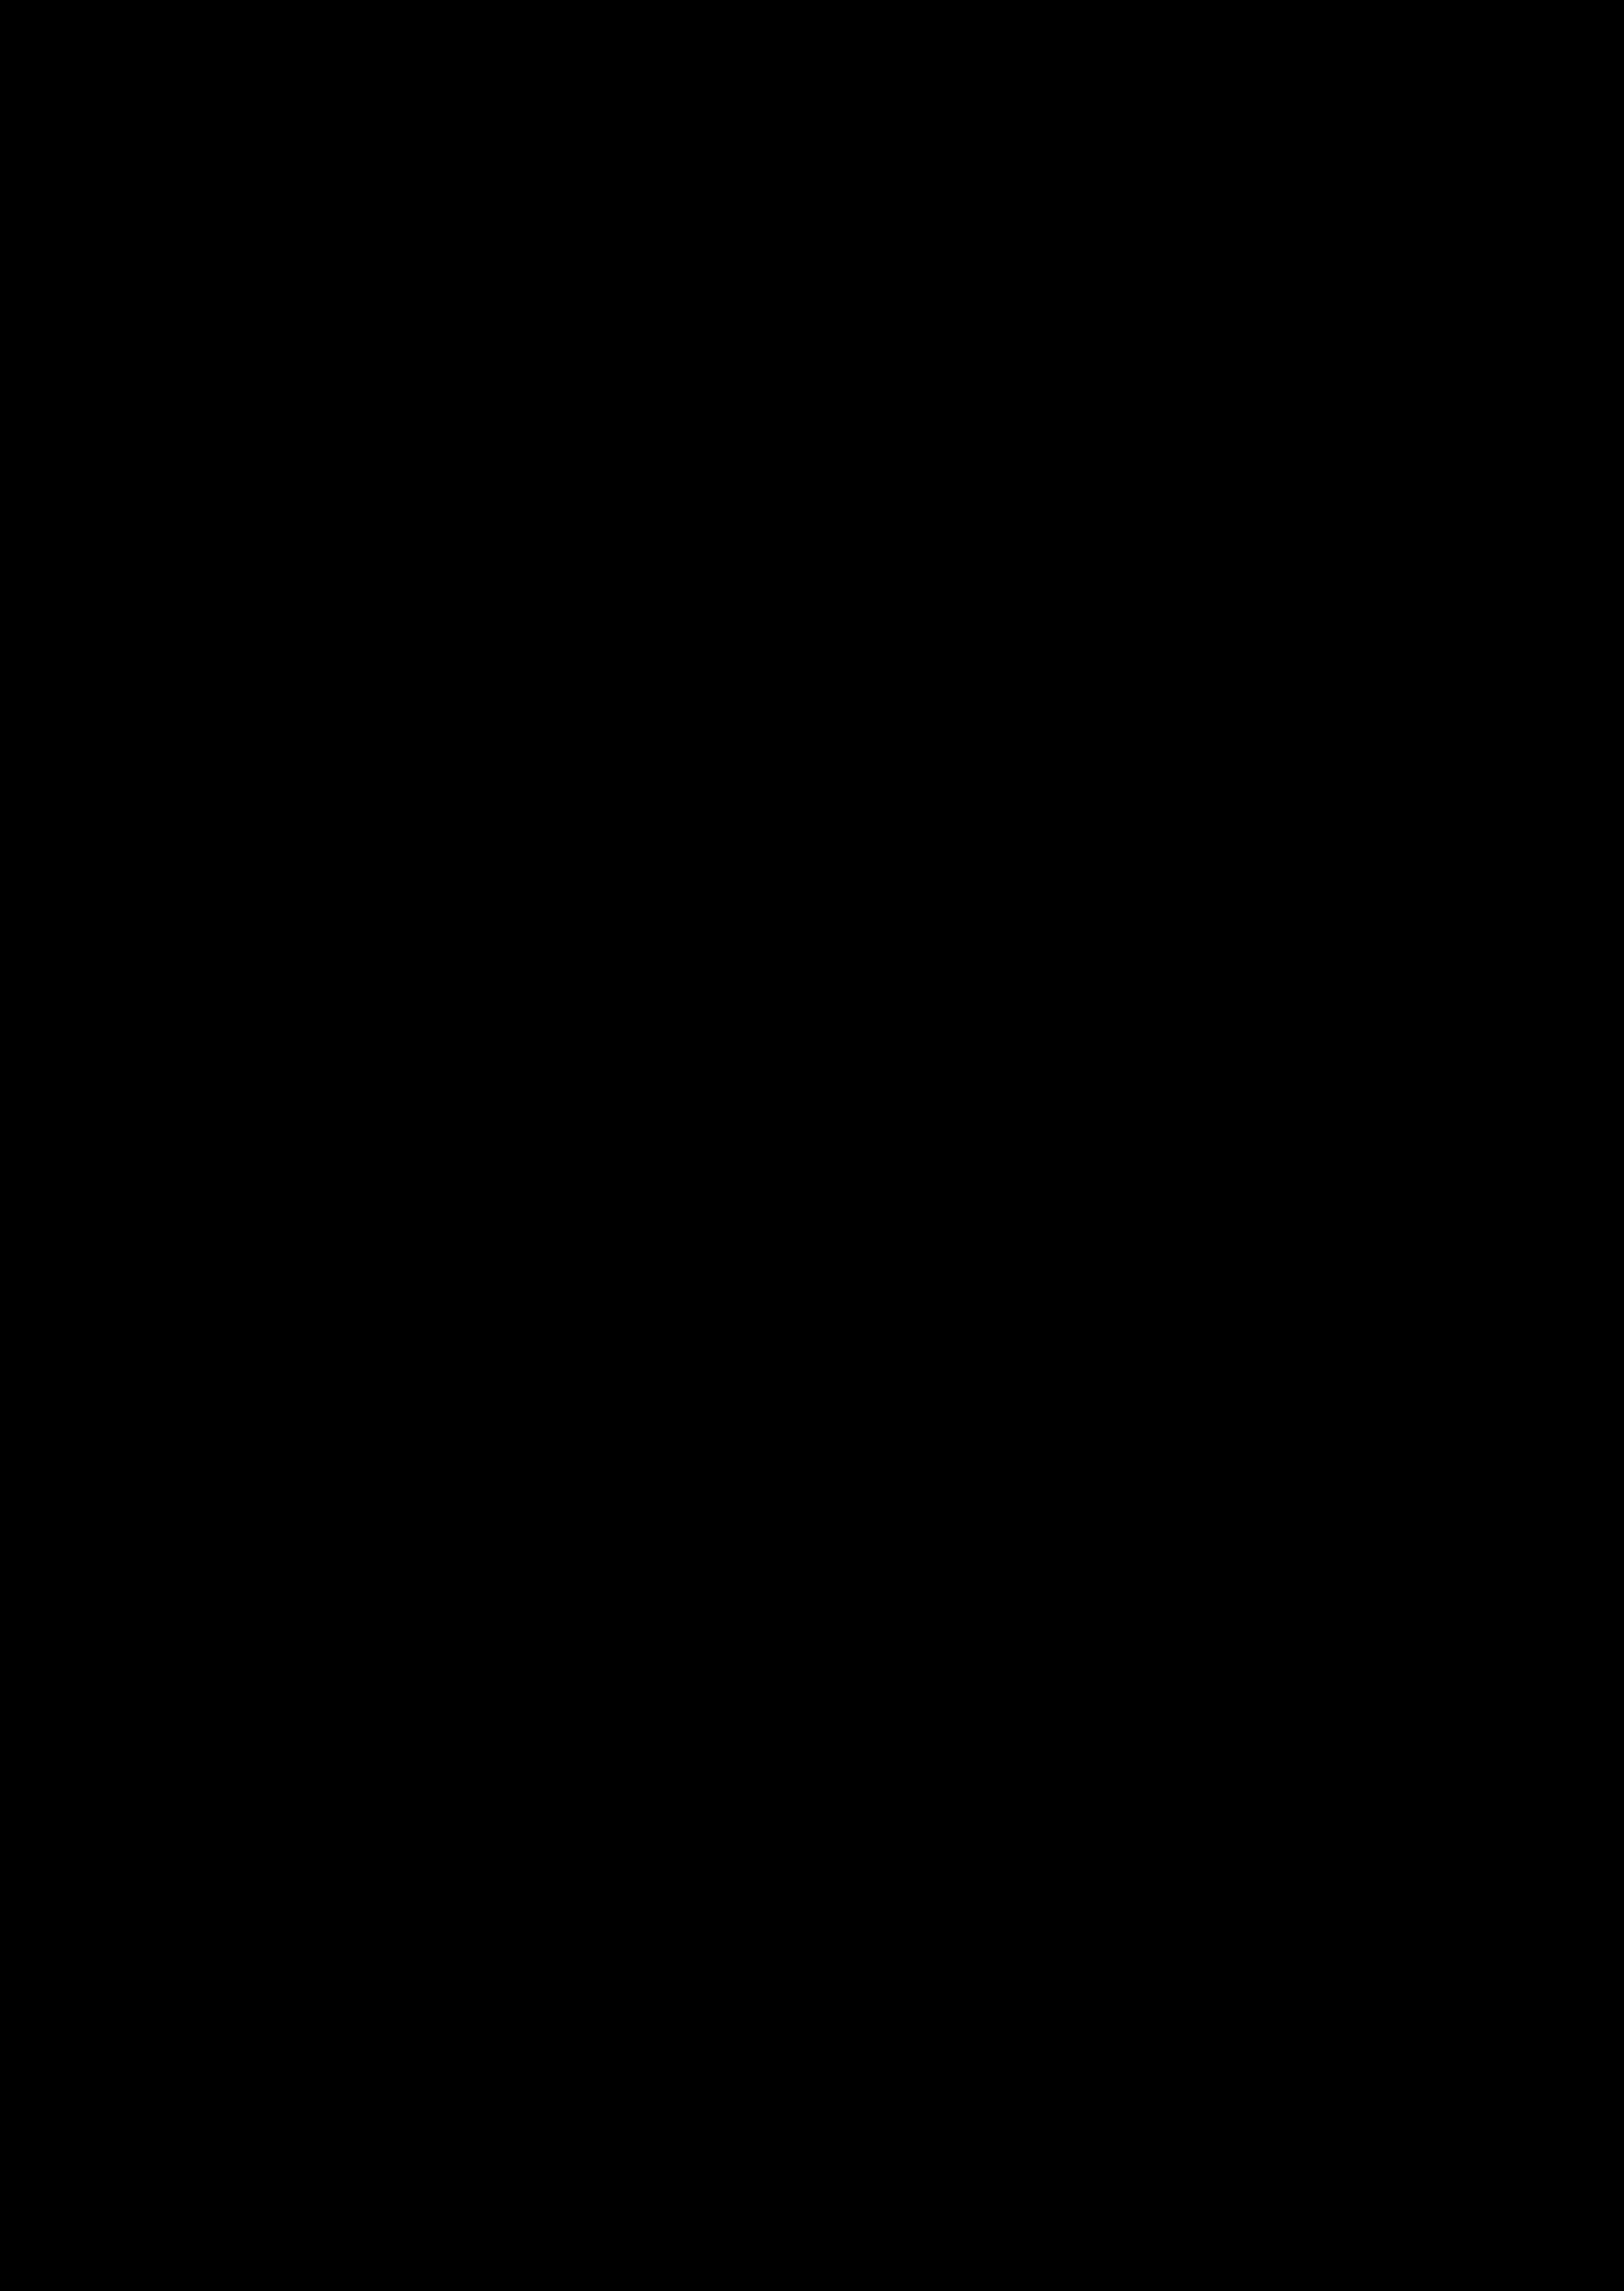 starry-christmas-tree-silhouette